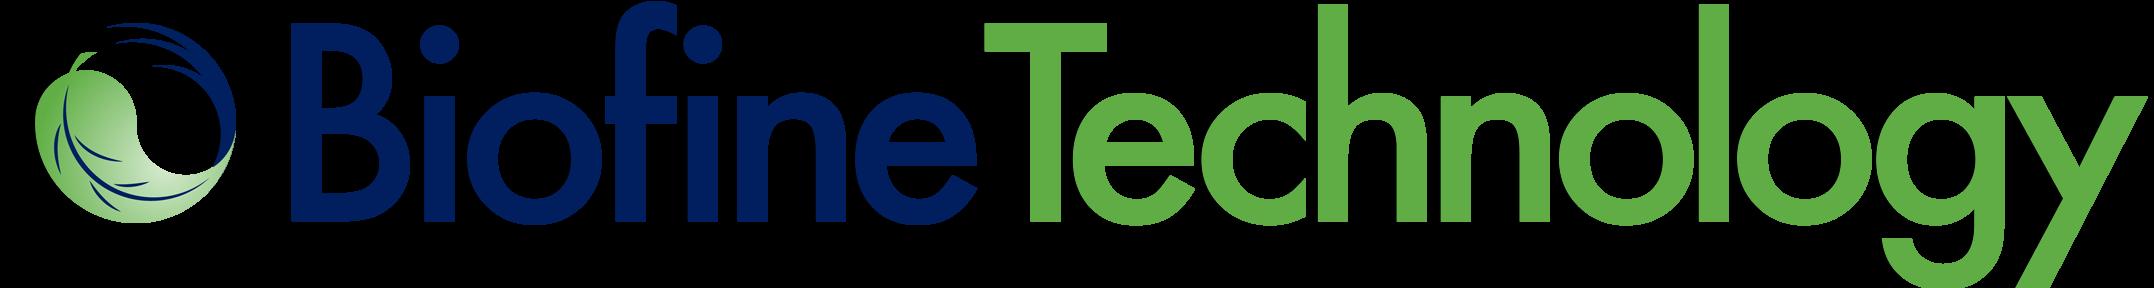 Biofine Technology